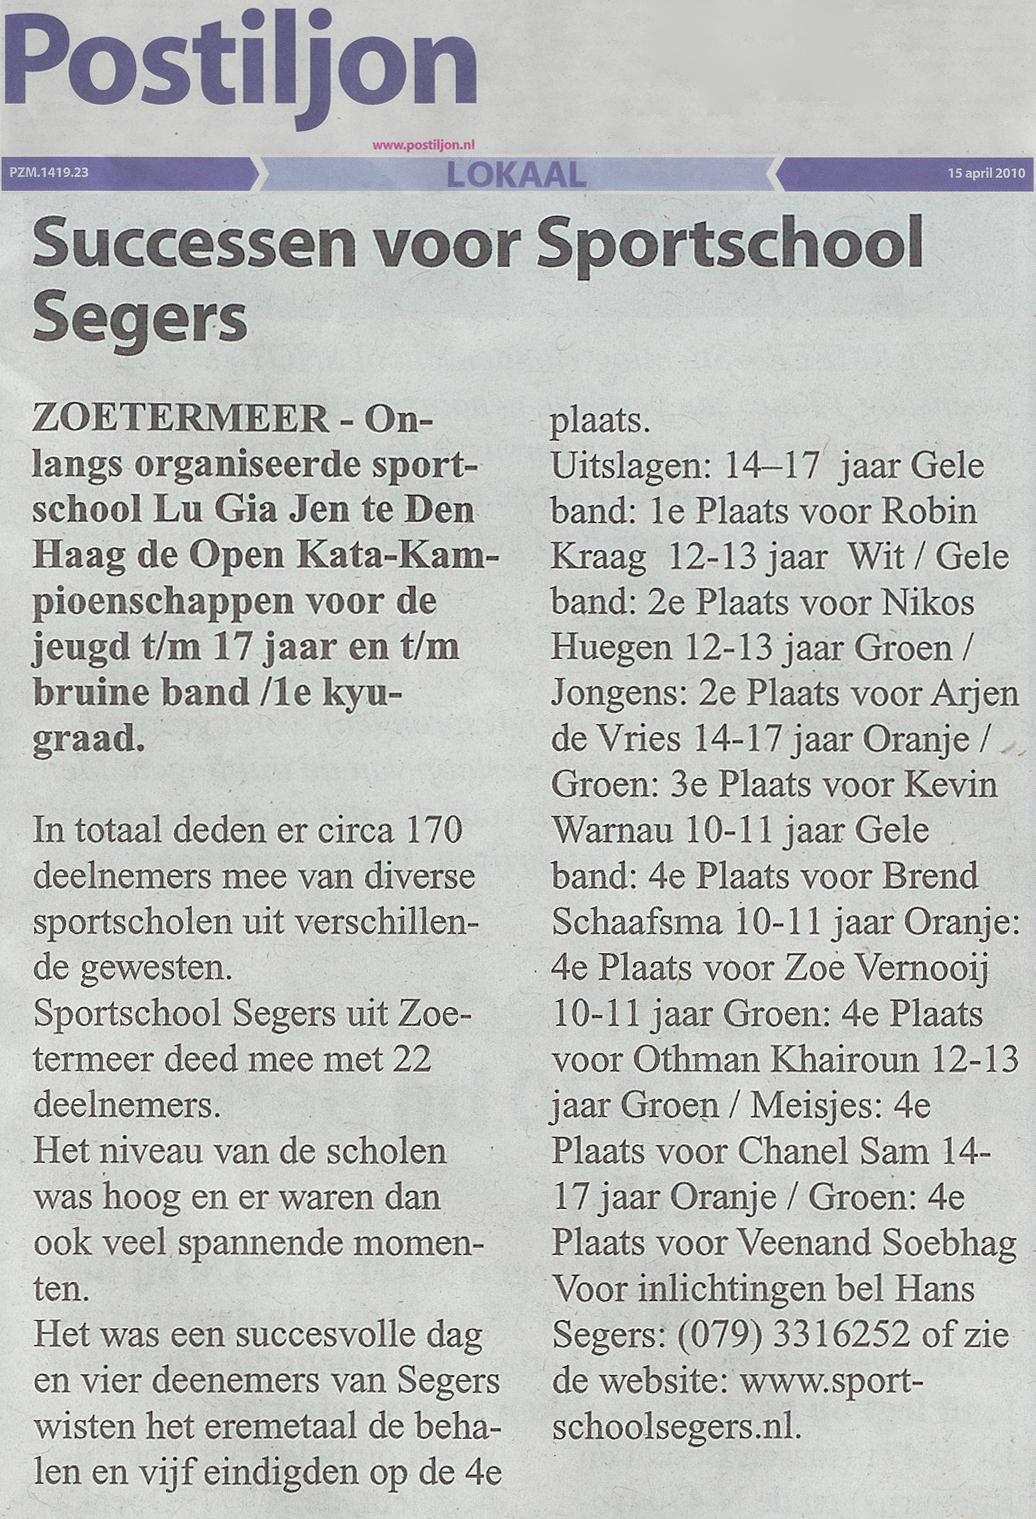 2010-04-15-de-postiljon-successen-voor-sportschool-segers.jpg